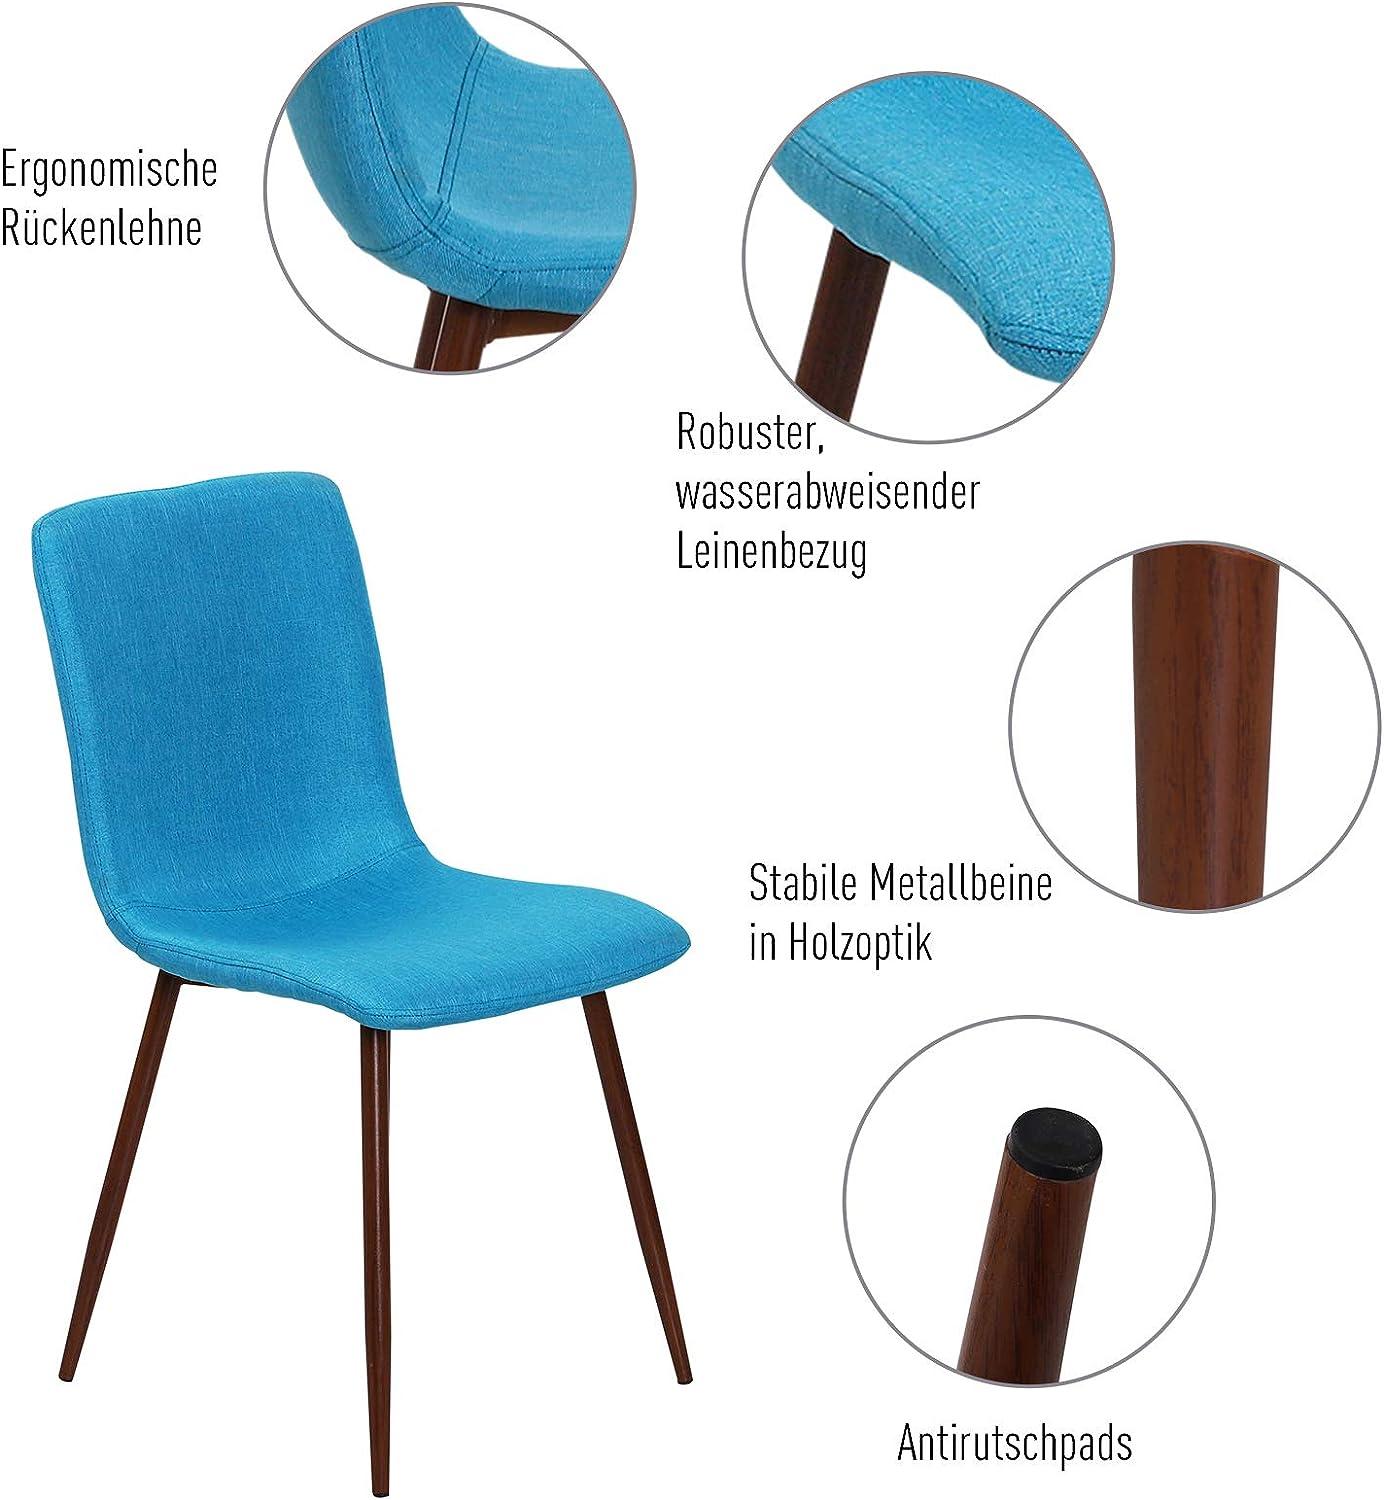 HOMCOM 2er Set Esszimmerstuhl Küchenstuhl Wohnzimmerstuhl Polsterstuhl Leinenbezug Metallbeine Blau 43 x 56,5 x 85 cm